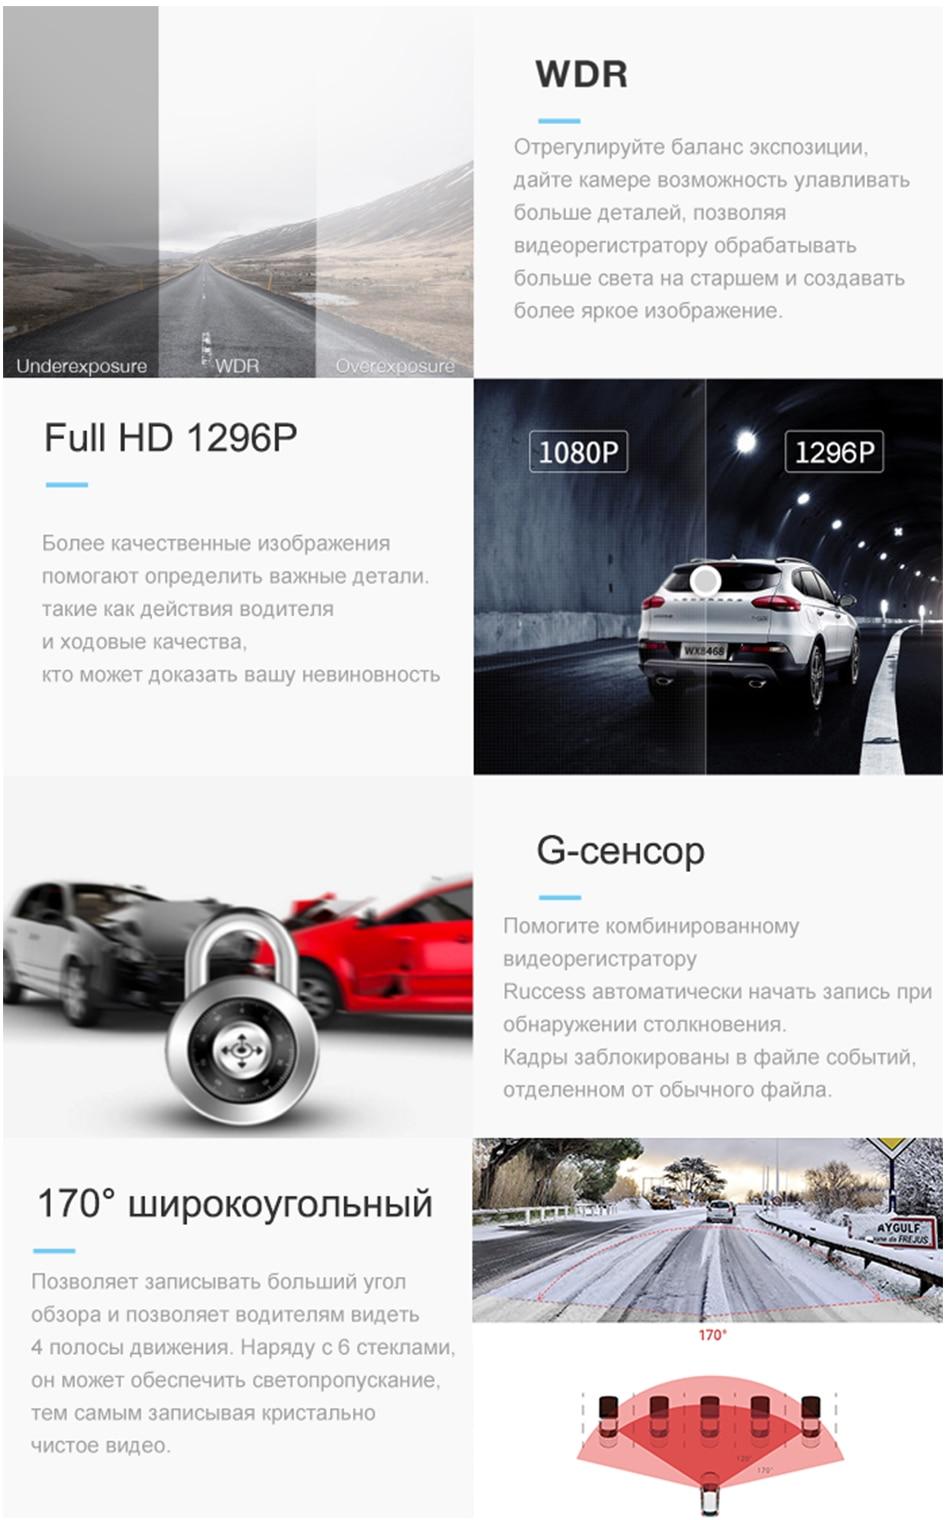 RUCCESS Radar Detectors Anti Car Radar Detector for Russia with GPS Police Radar 170 Degree CAR DVR Full HD 1080P Video Recorder (12)